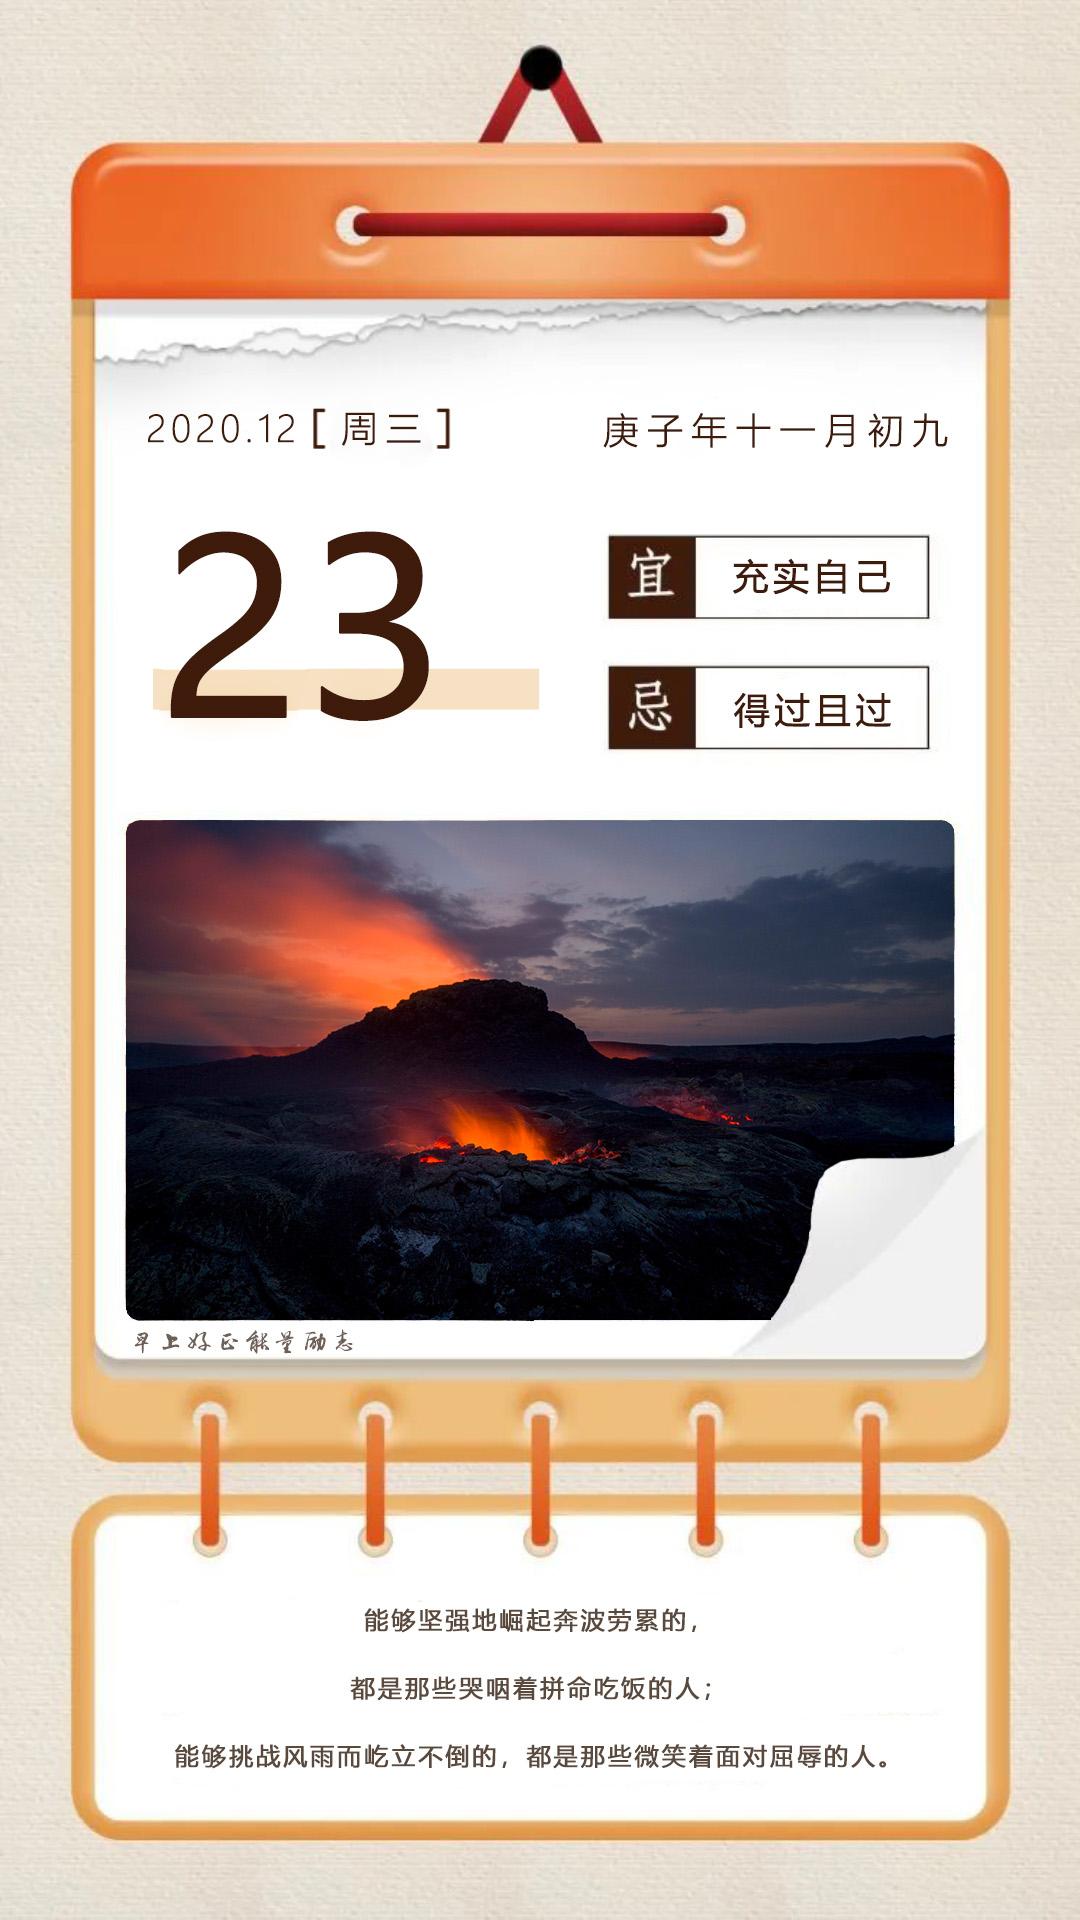 朋友圈早安说说正能量阳光图片,12月23早上好问候语